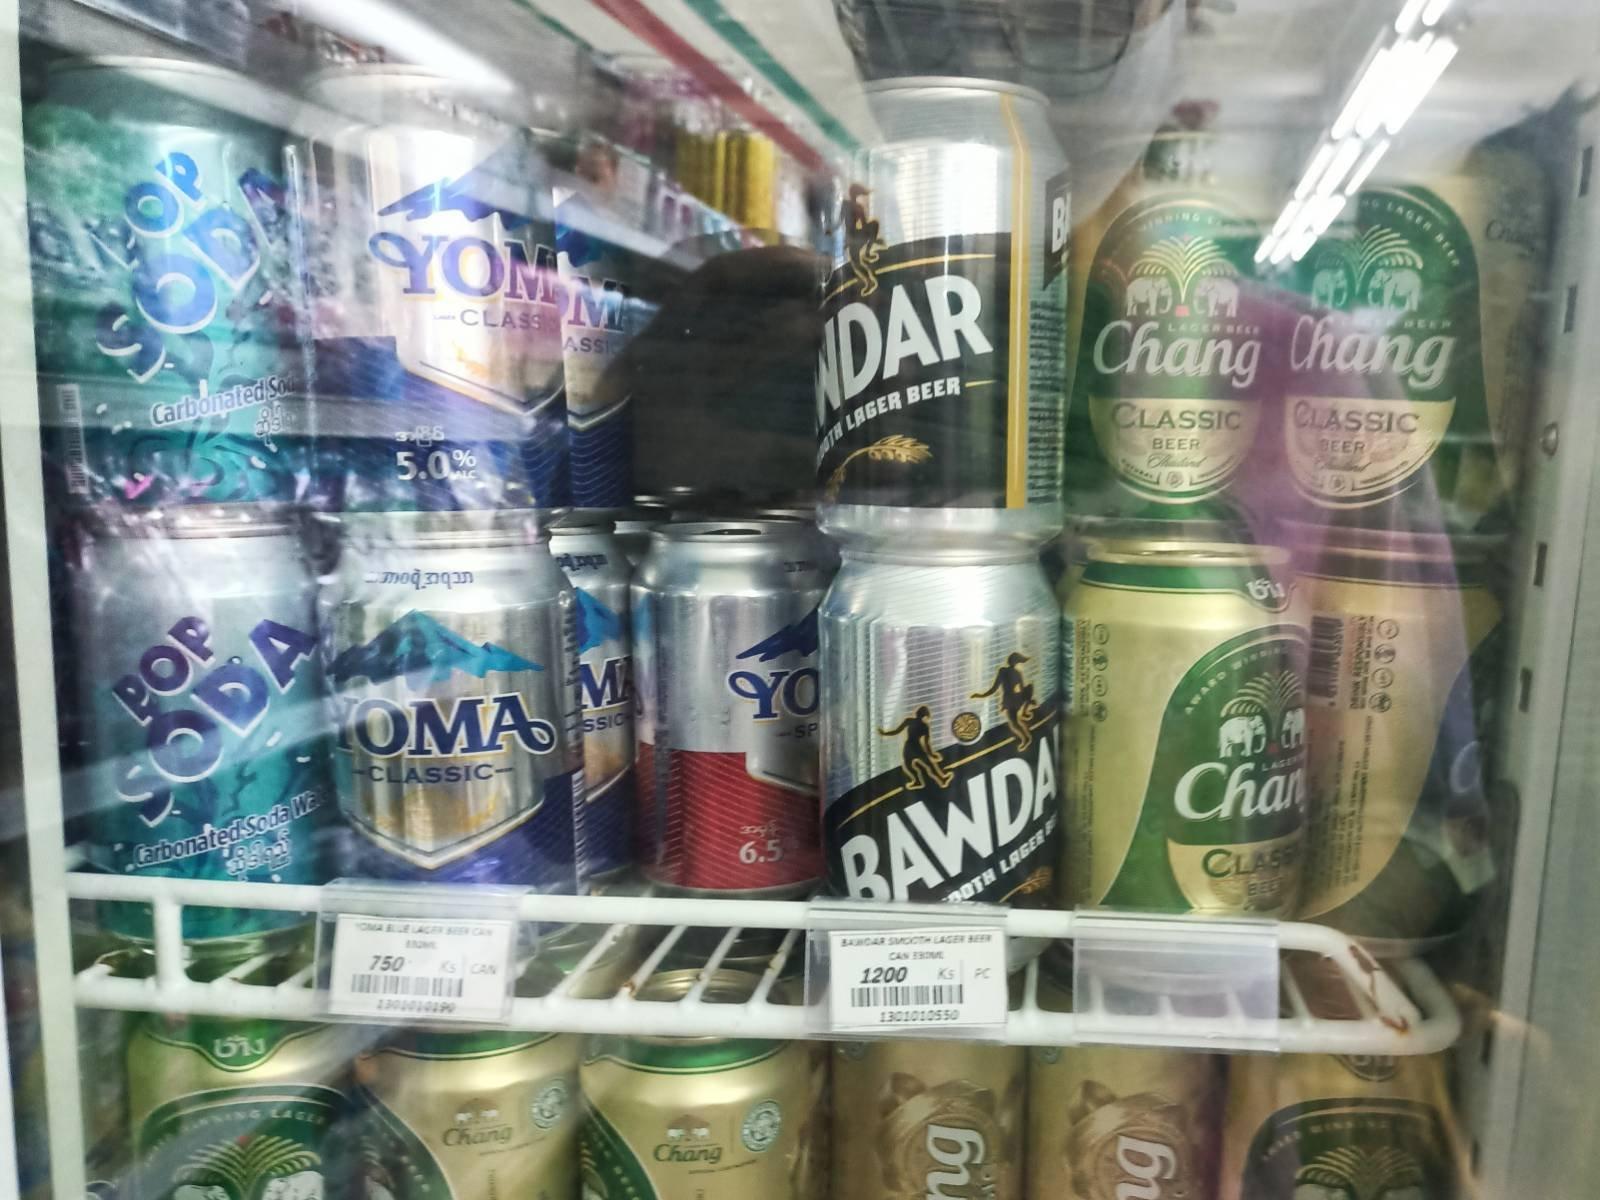 စတိုးဆိုင်တစ်ခုအတွင်း ရောင်းချနေသော ဘီယာအမှတ်တံဆိပ်အမျိုးမျိုးကို မြင်တွေ့ရစဉ်။ (ဓာတ်ပုံ | ဖရွန်းတီးယားမြန်မာ)